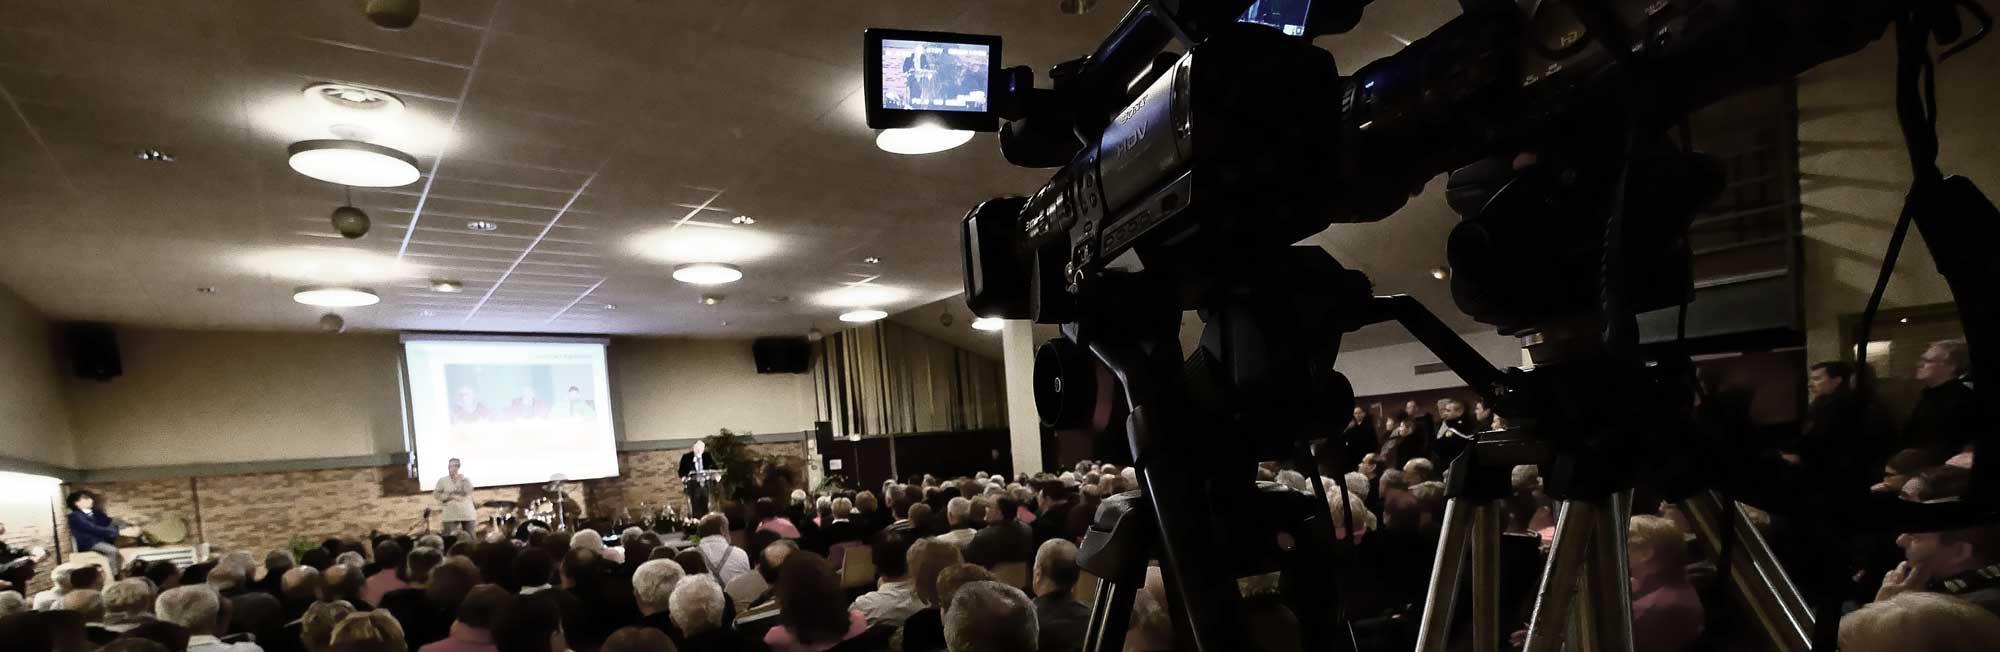 captation multi caméras de conférence lors de sémainaires ou événements publics